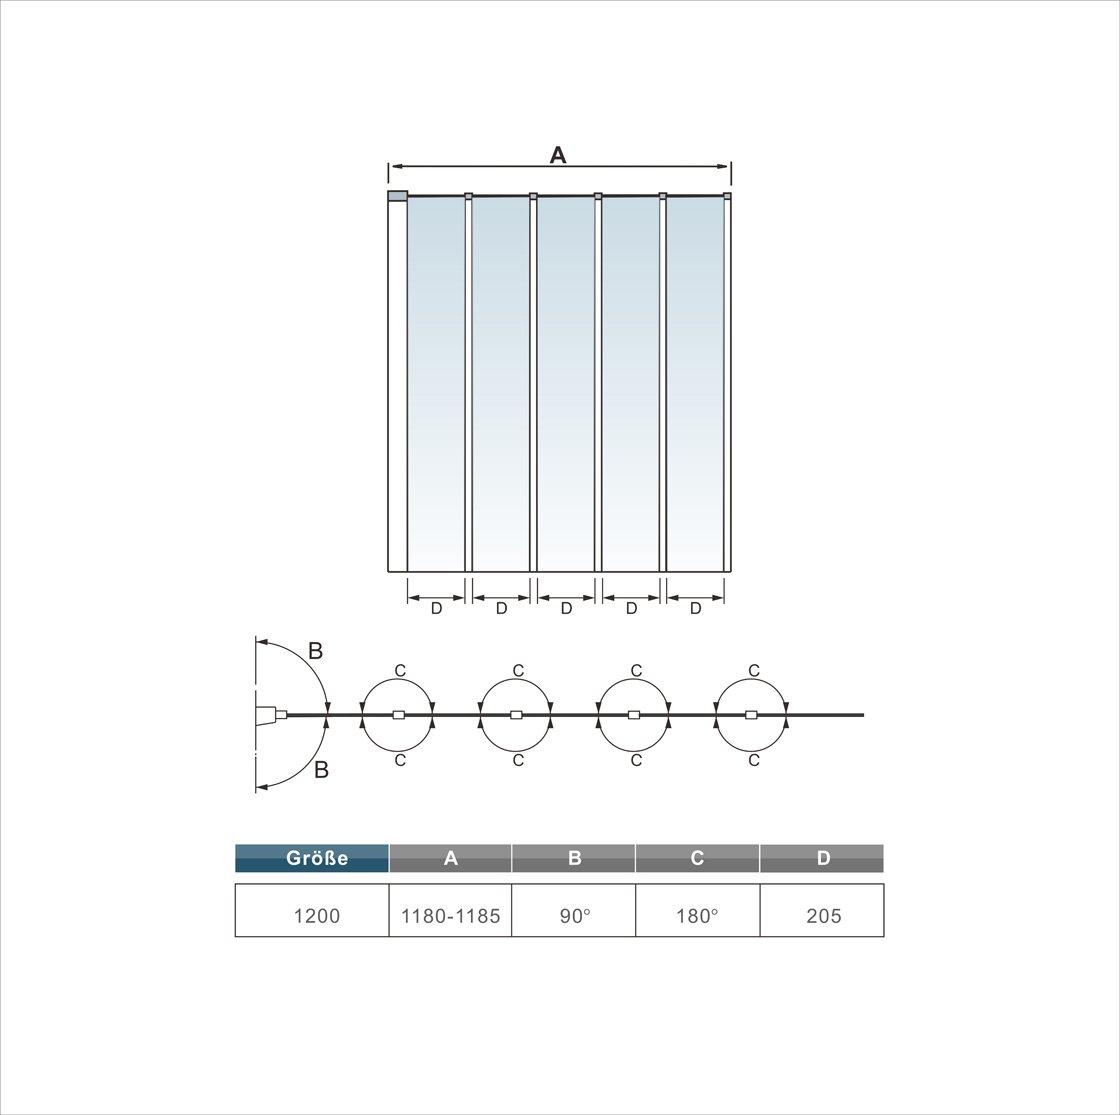 Mamparas pantalla para ba/ñera biombo ba/ño 5 veces plegable 1200x1400mm de Aica